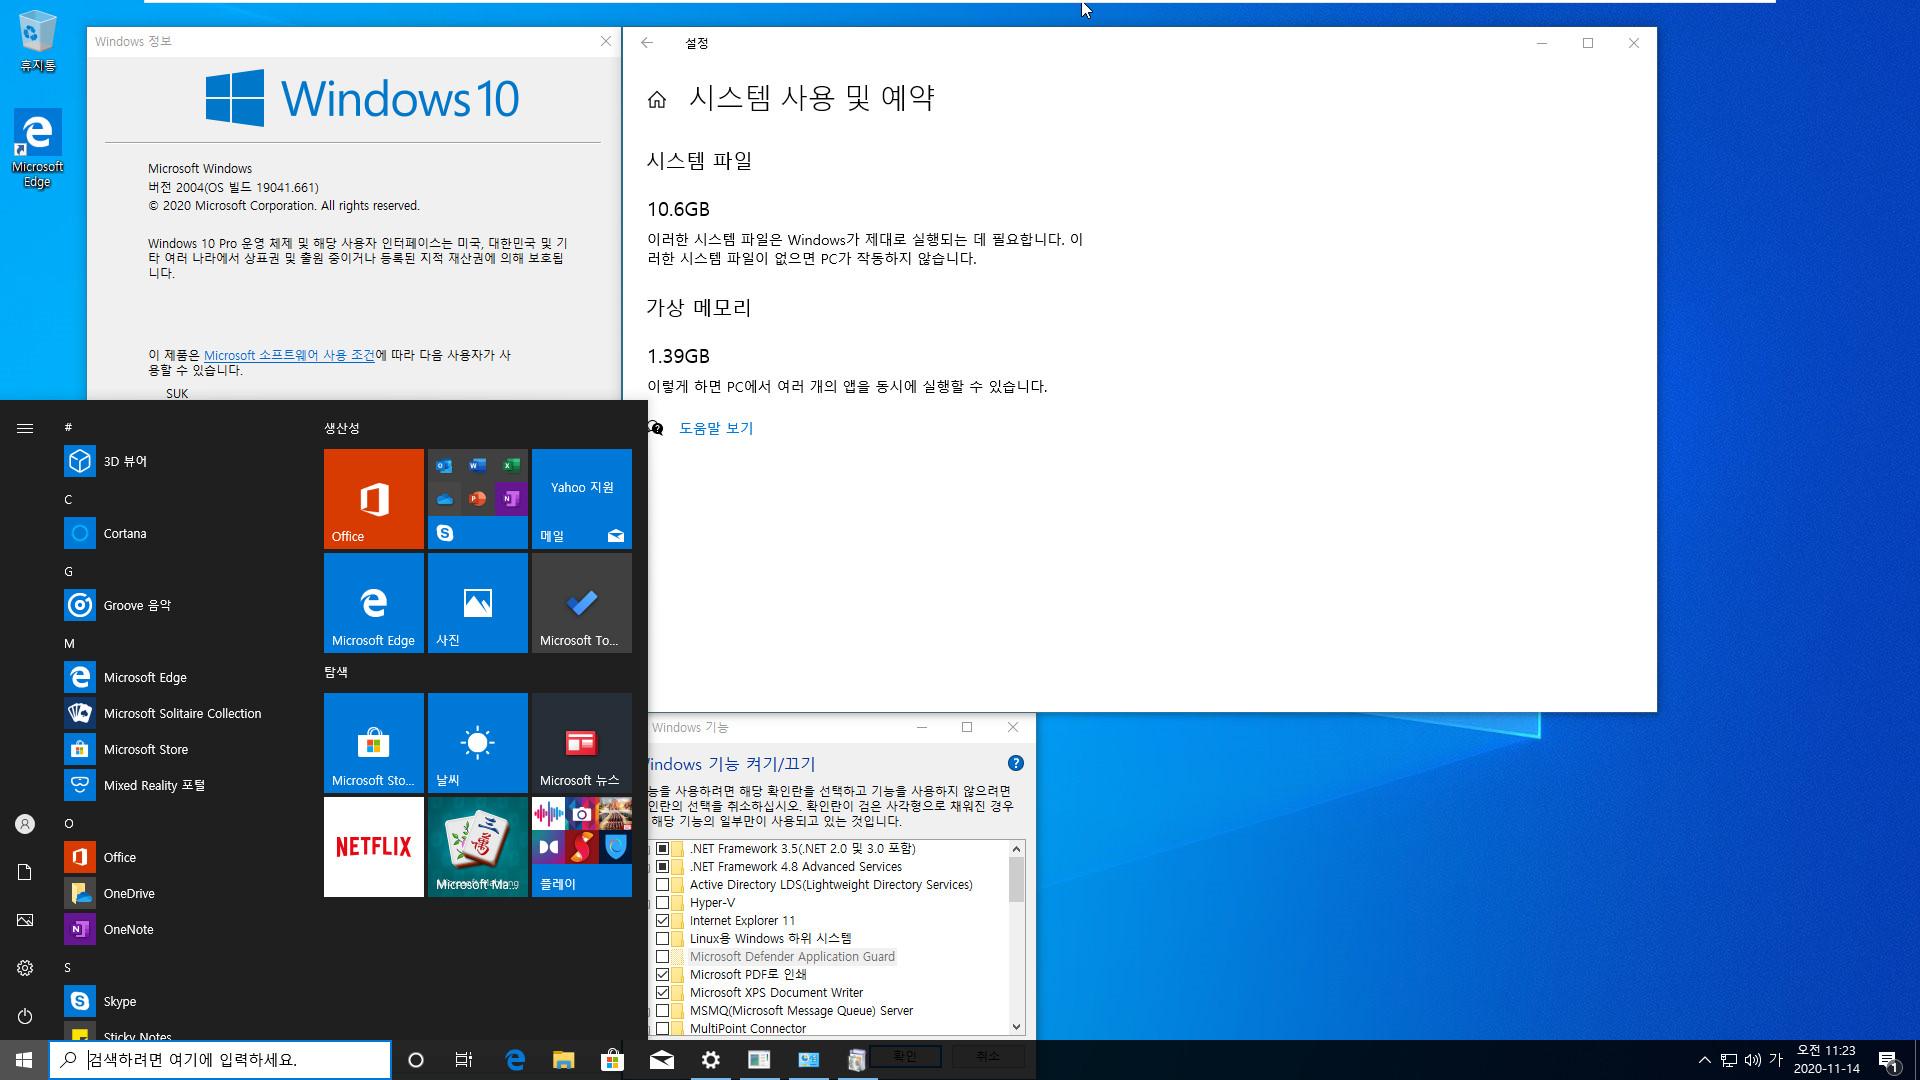 2020-11-14 토요일 [프리뷰] 통합 PRO x64 2개 - Windows 10 버전 2004 + 버전 20H2 누적 업데이트 KB4586853 (OS 빌드 19041.661 + 19042.661) v2 - 윈도우 설치 테스트 2020-11-14_112336.jpg